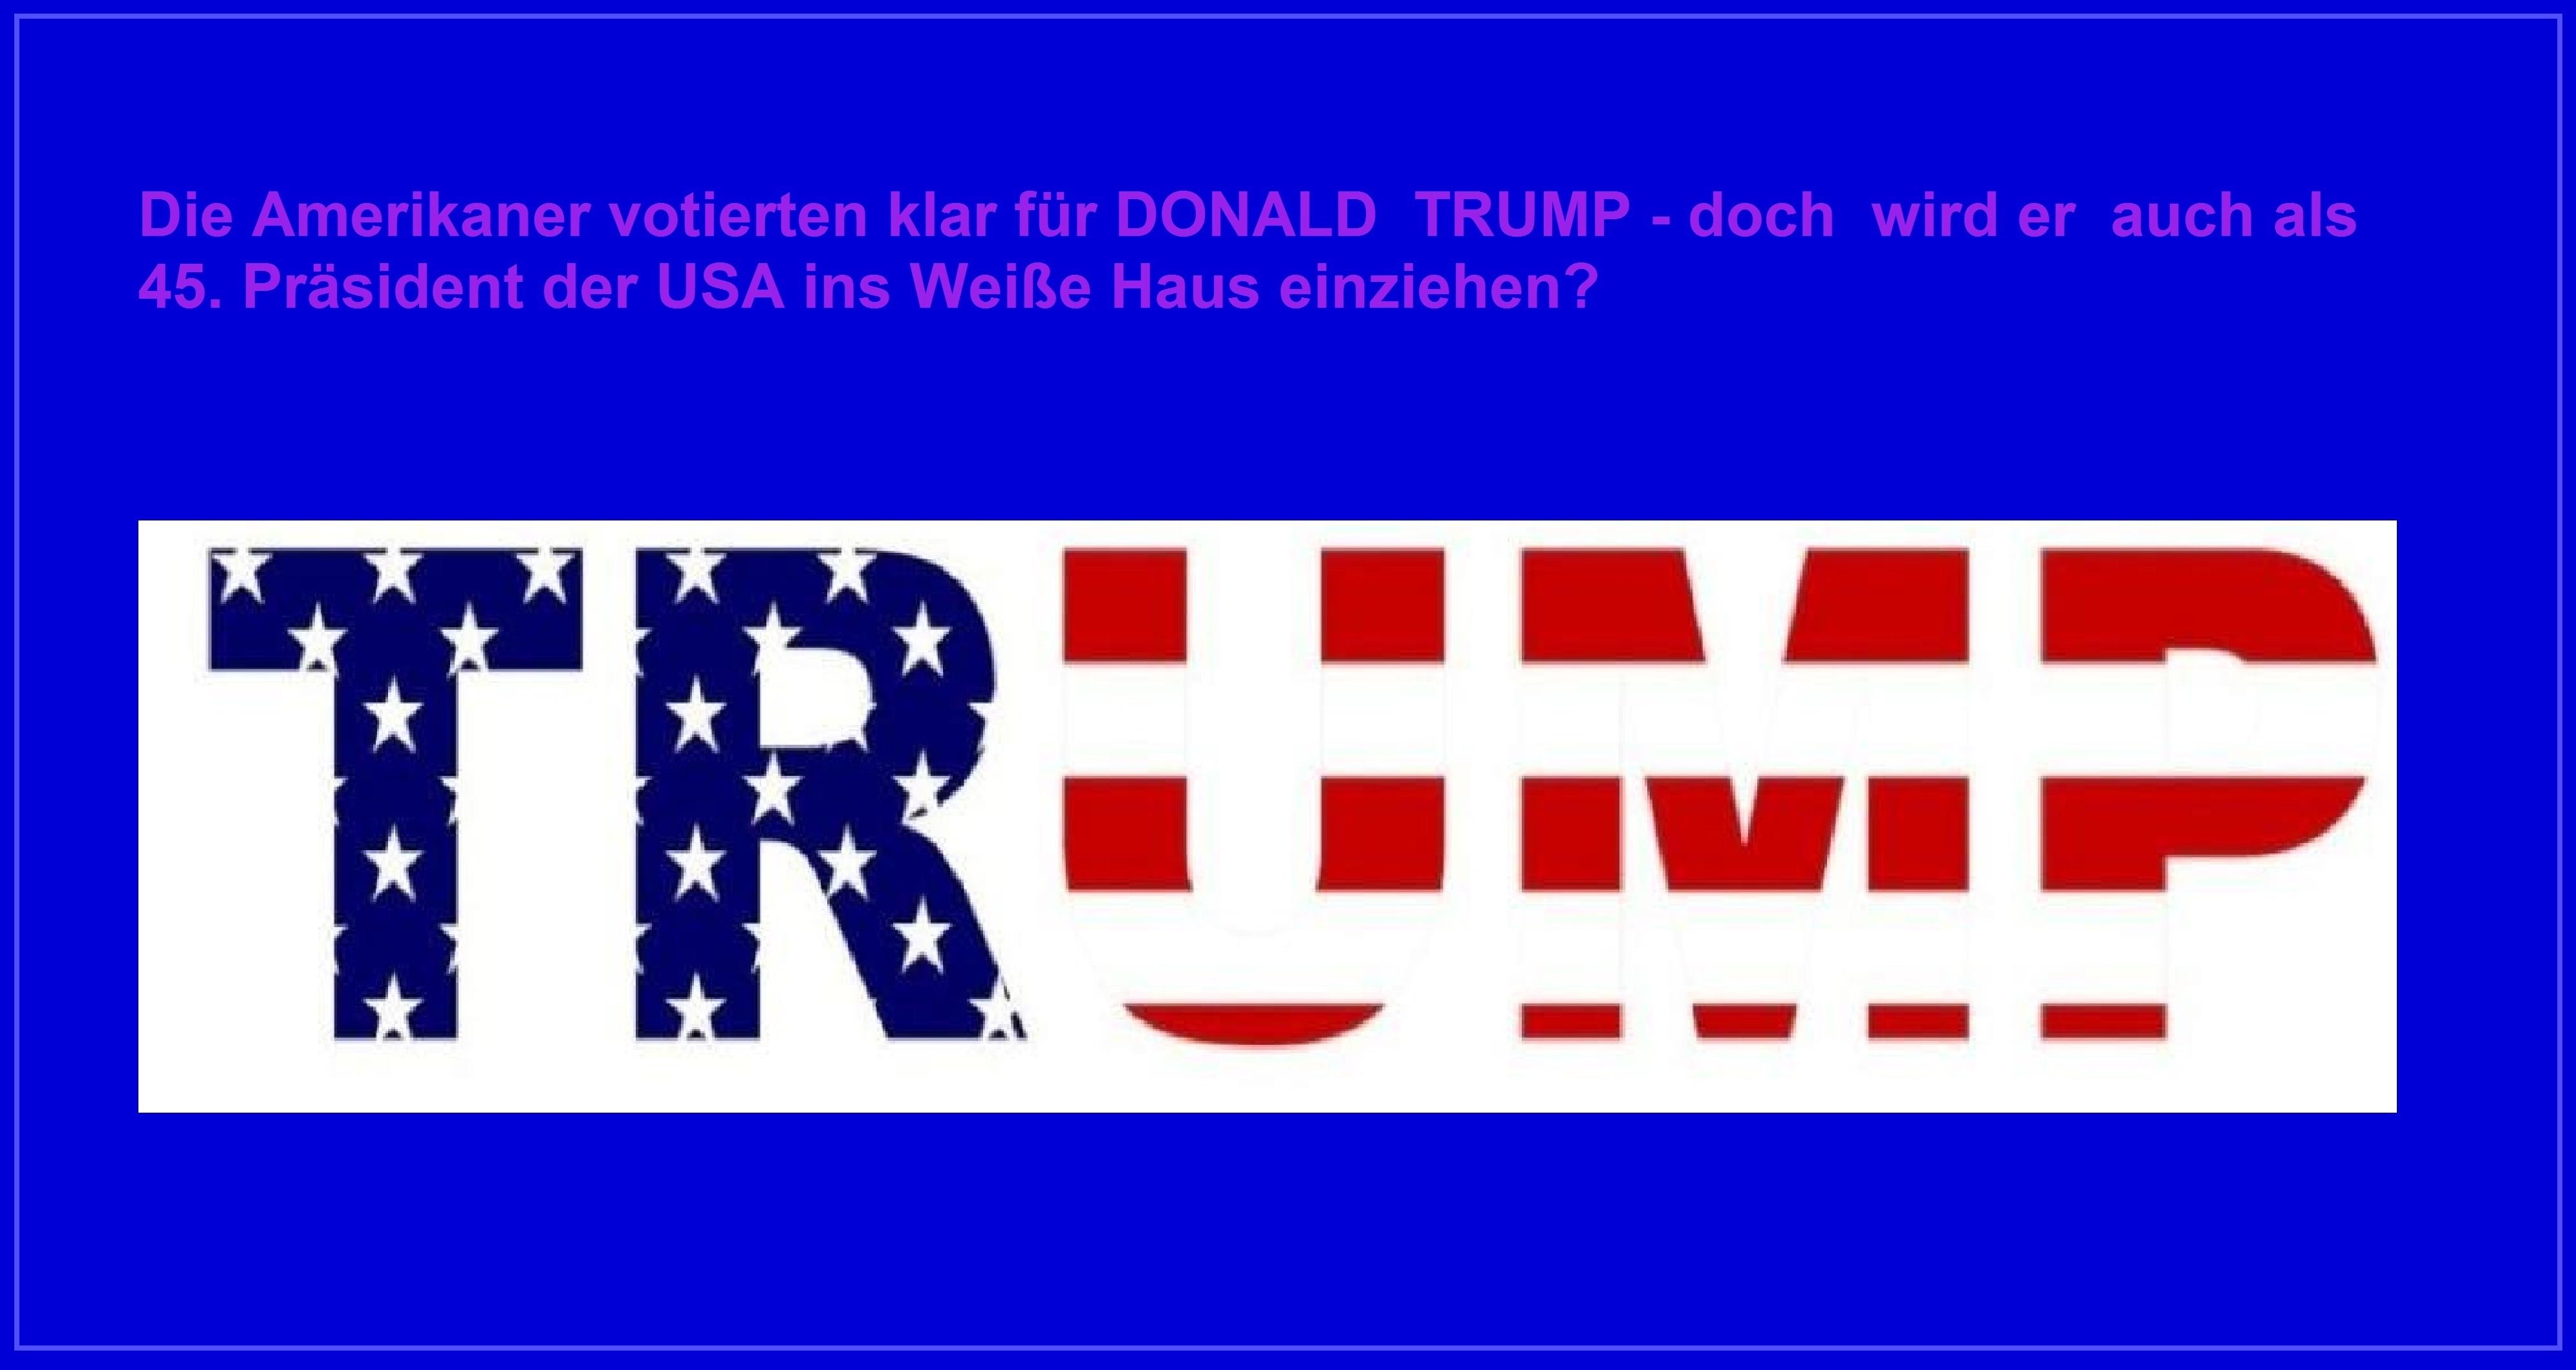 DONALD TRUMP ist der 45.Präsident der USA - Die Amerikaner votierten klar für Donald Trump, doch wird er auch als 45. Präsident  der USA ins Weiße Haus einziehen?  - Ostsee-Rundschau.de